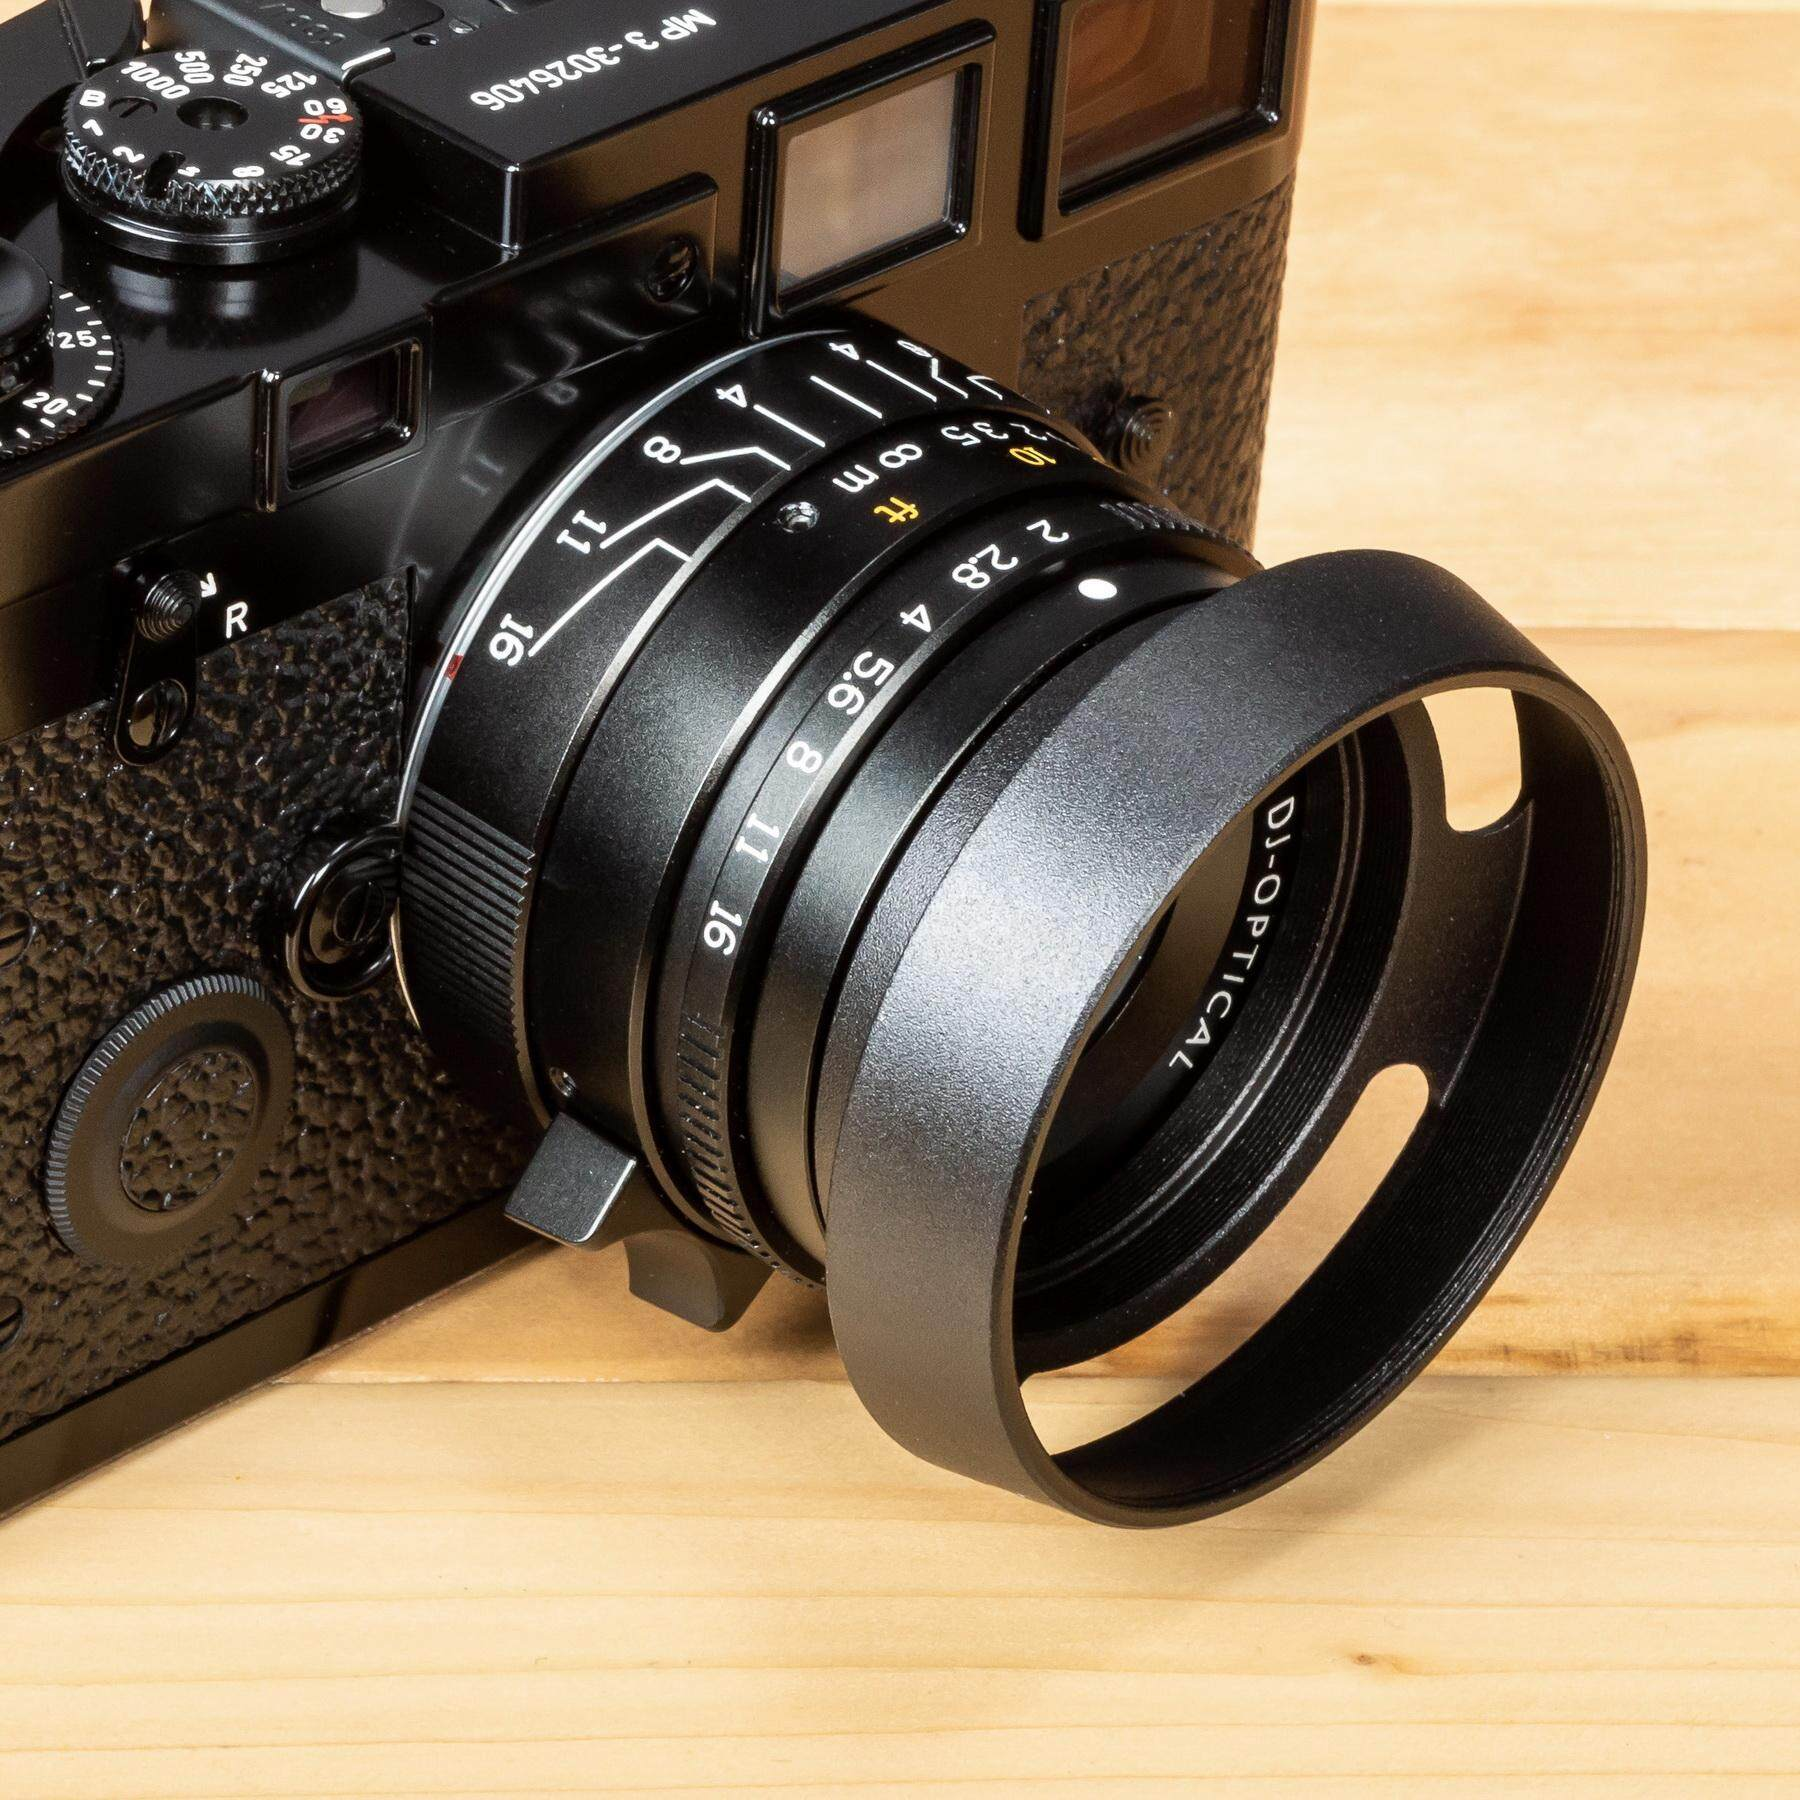 เลนส์มือหมุน 7artisans 35mm F2 เมาท์ Leica M เลนส์สำหรับกล้อง Leica M Mount เช่น Leica M1 M2 M3 M4 M6 M6 Ttl M7 M8 M9 M10 Mp M9p M10p M240 M240p Me M262 Mp-240 ( เลนส์ ฟลูเฟรม ) ( Full Frame Lens ).